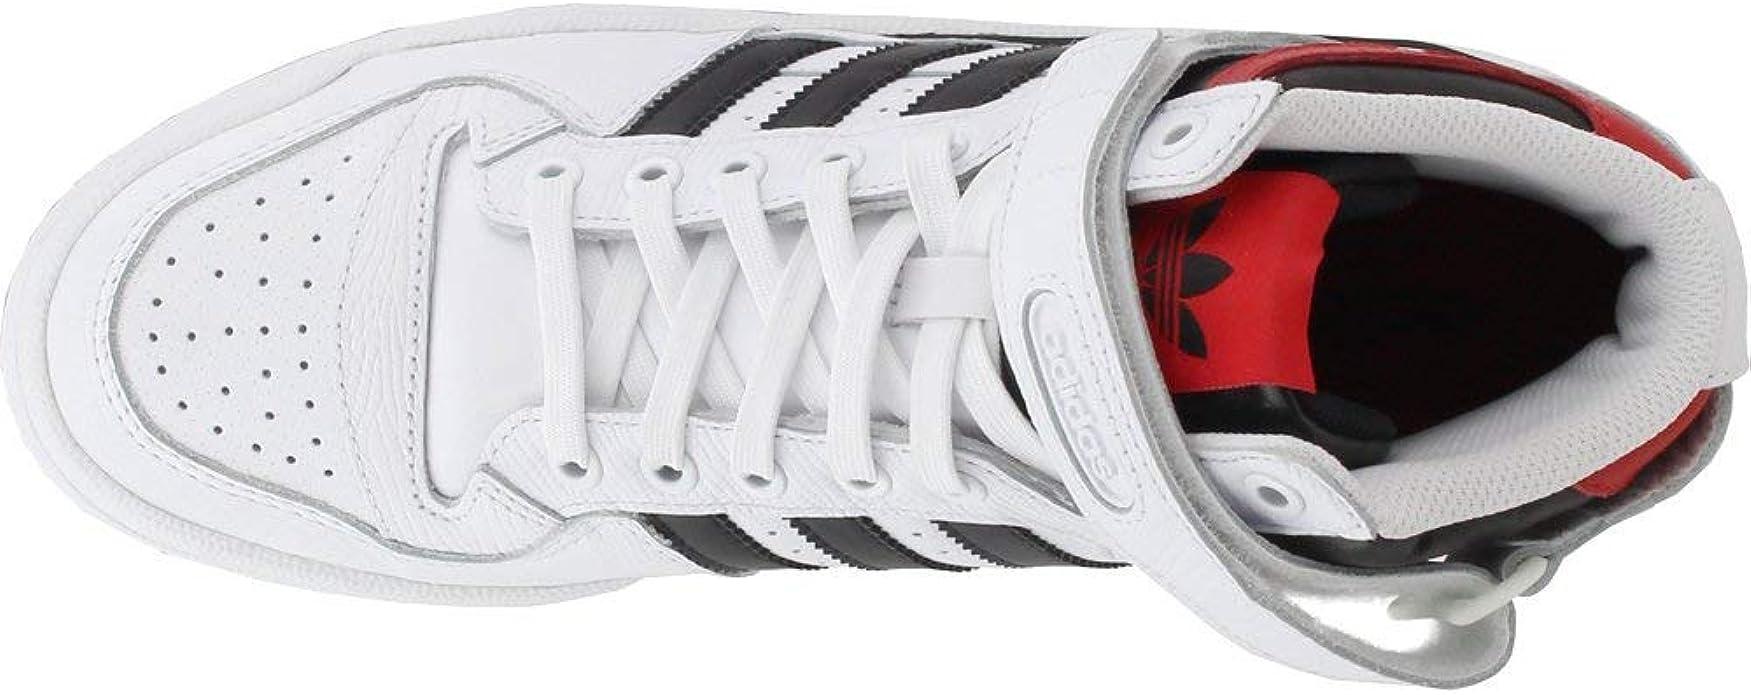 adidas Originals - Forum Mid Hombre , Blanco (negro, (White/Black/Scarlet)), 15 D(M) US: Amazon.es: Zapatos y complementos